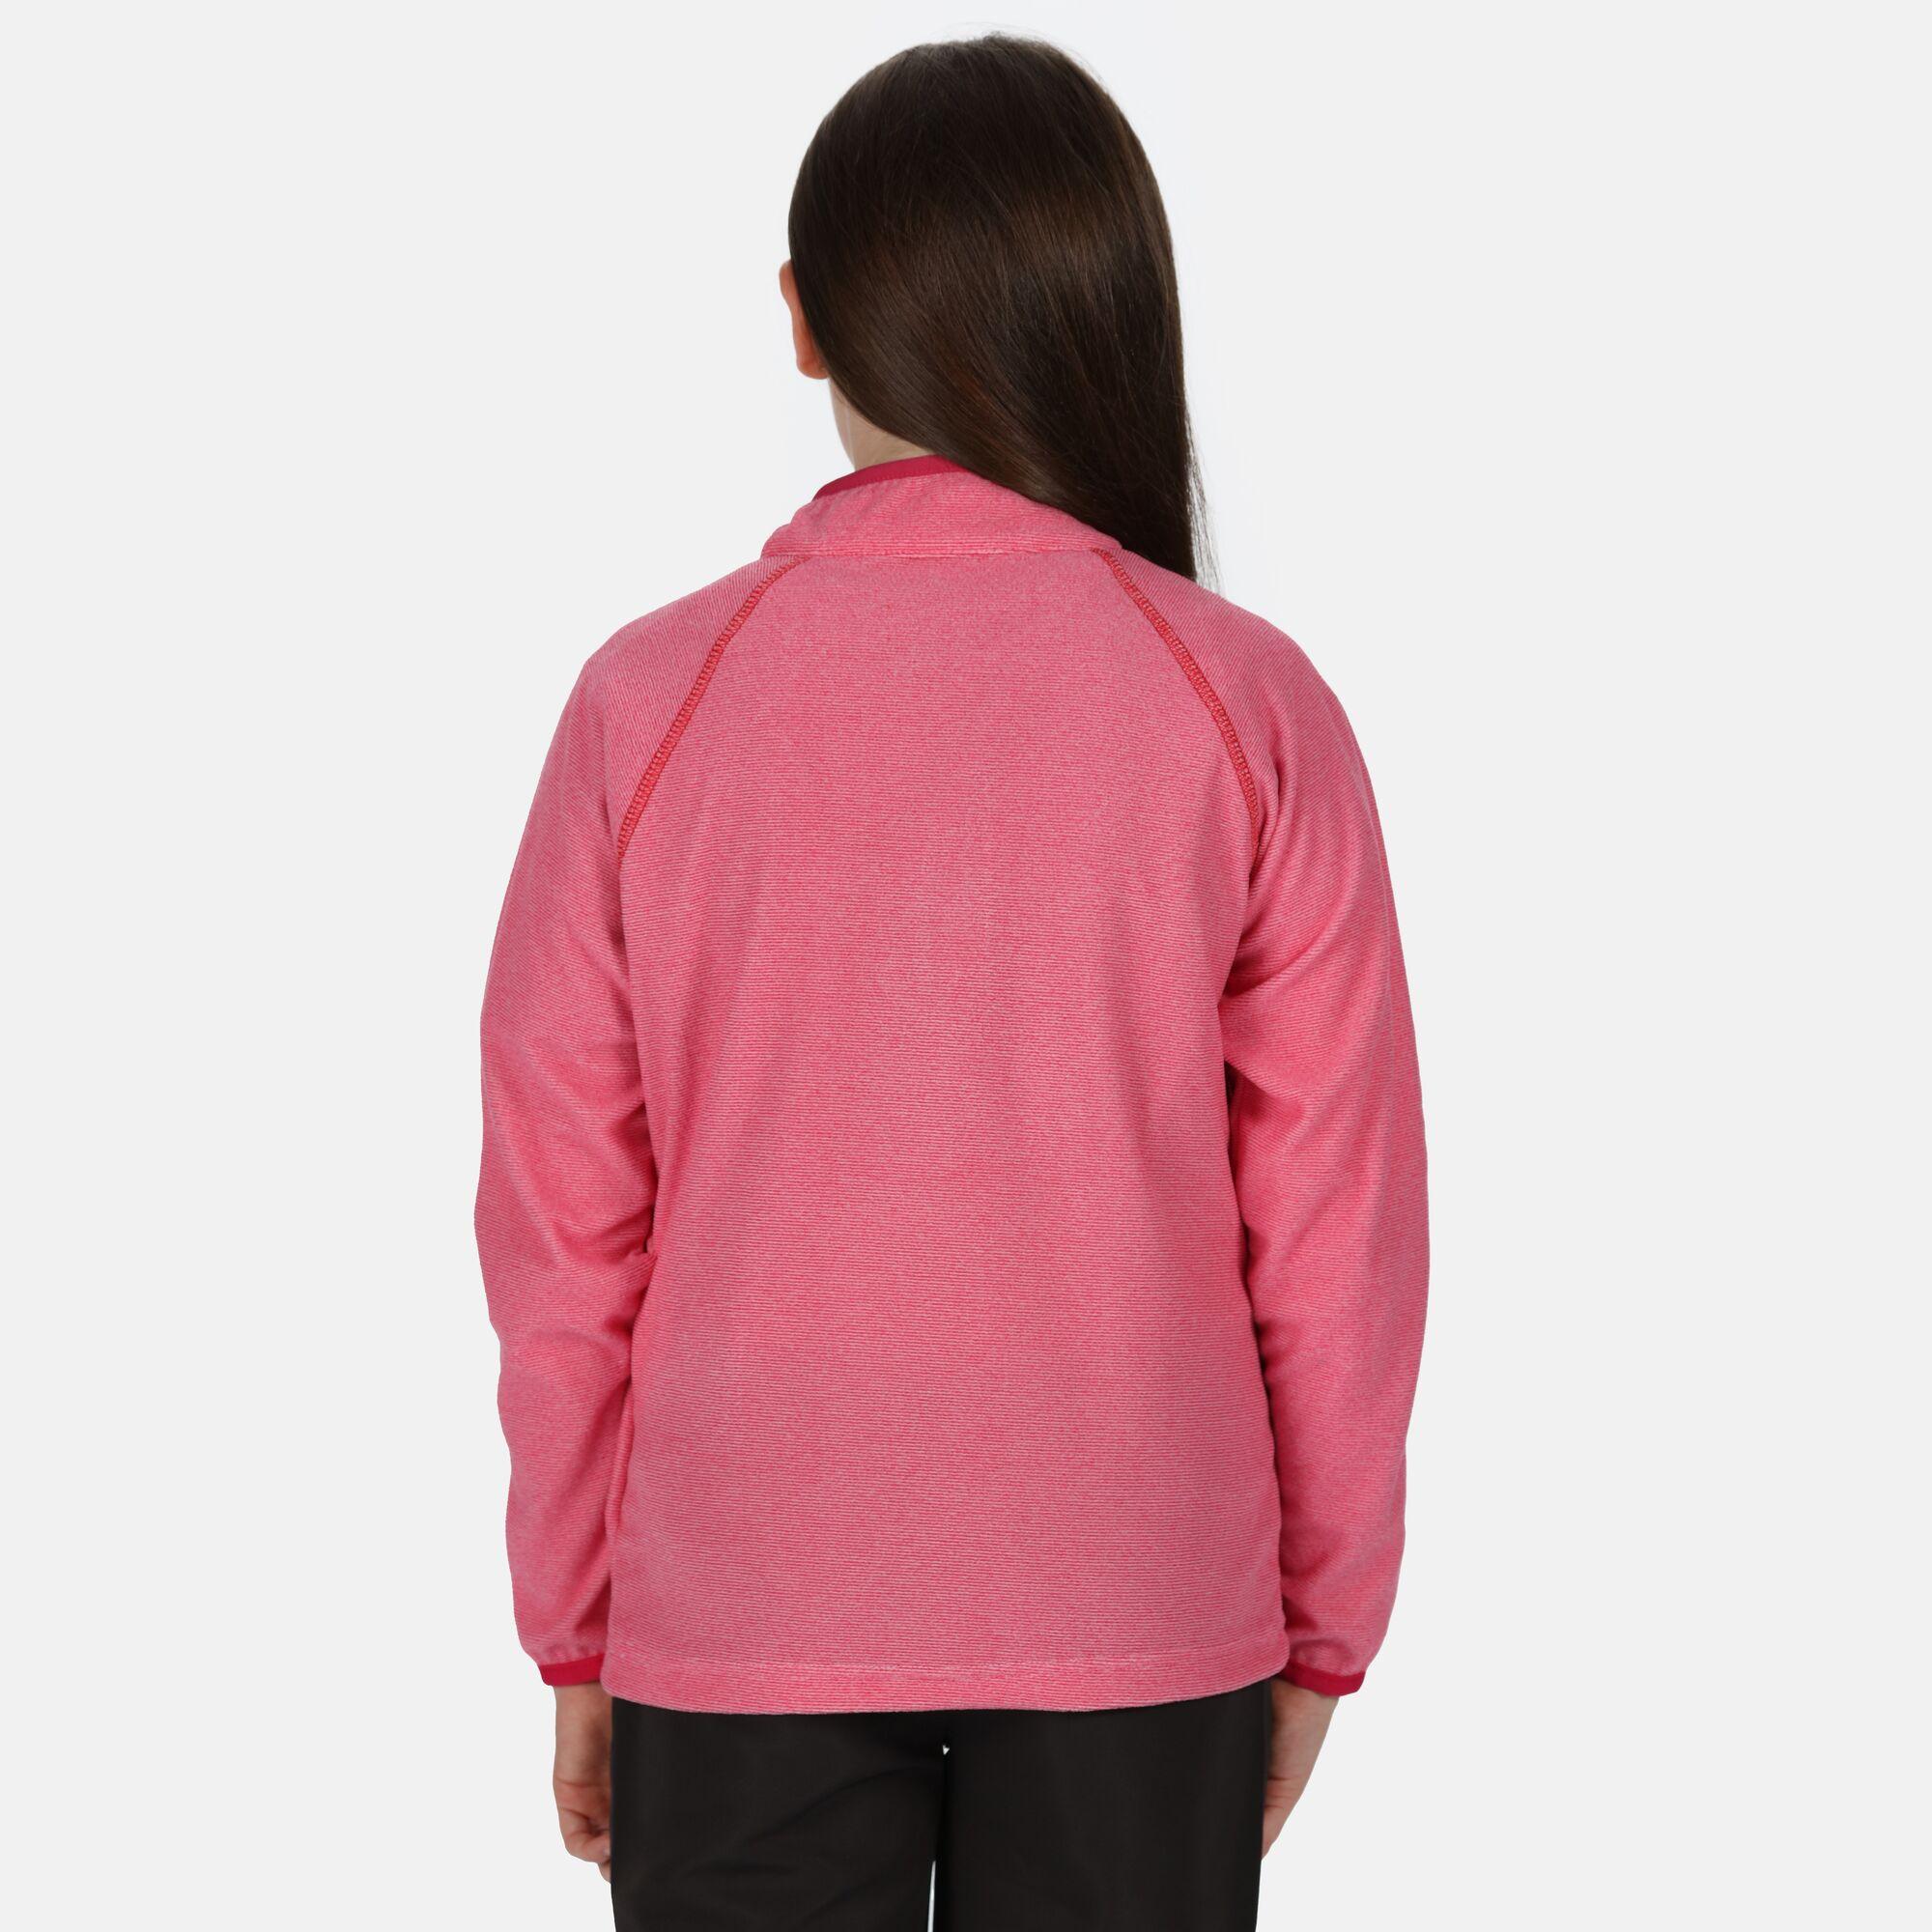 Regatta Girls Dissolver II Hooded Fleece Top Pink Sports Outdoors Full Zip War